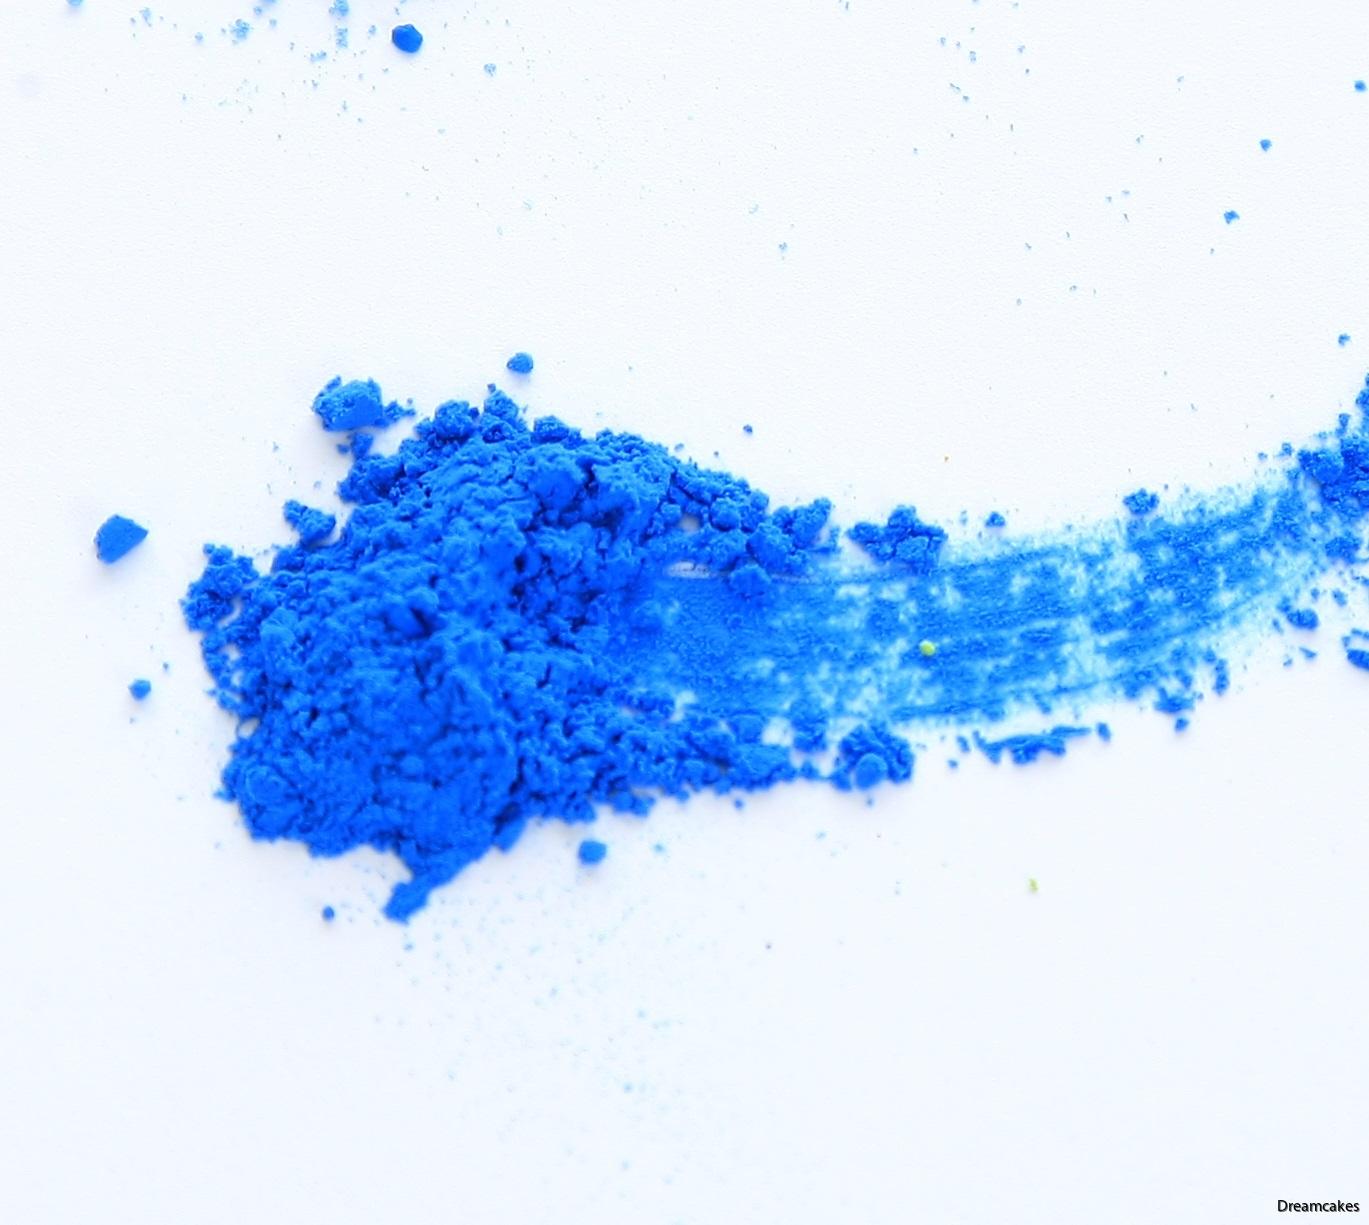 Härligt blå färg för pulverborstning av sugarflowers/sockerblommor och infärgning av choklad